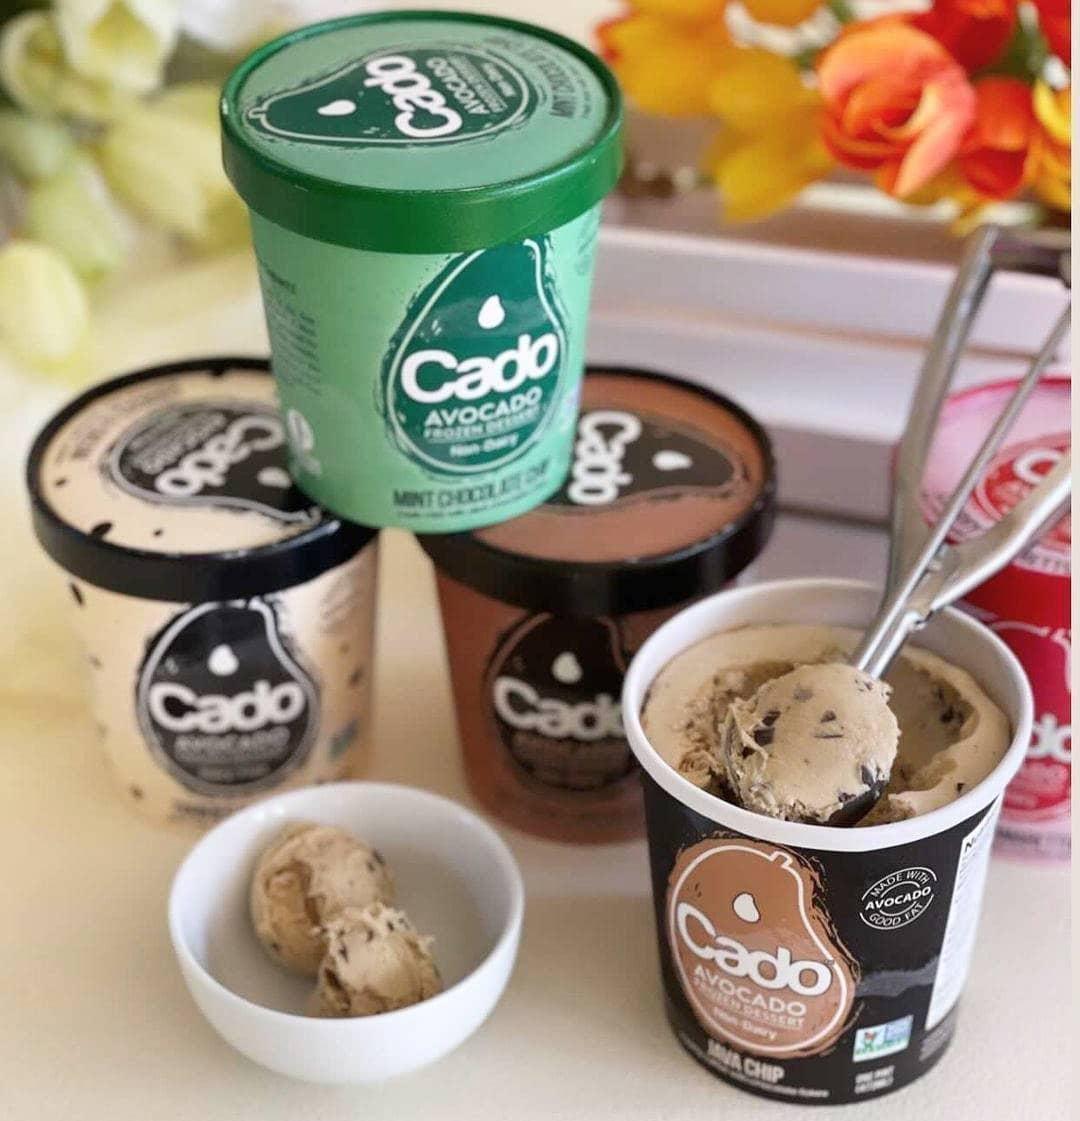 cado-adocado-ice-cream-partnership-ocean-blue